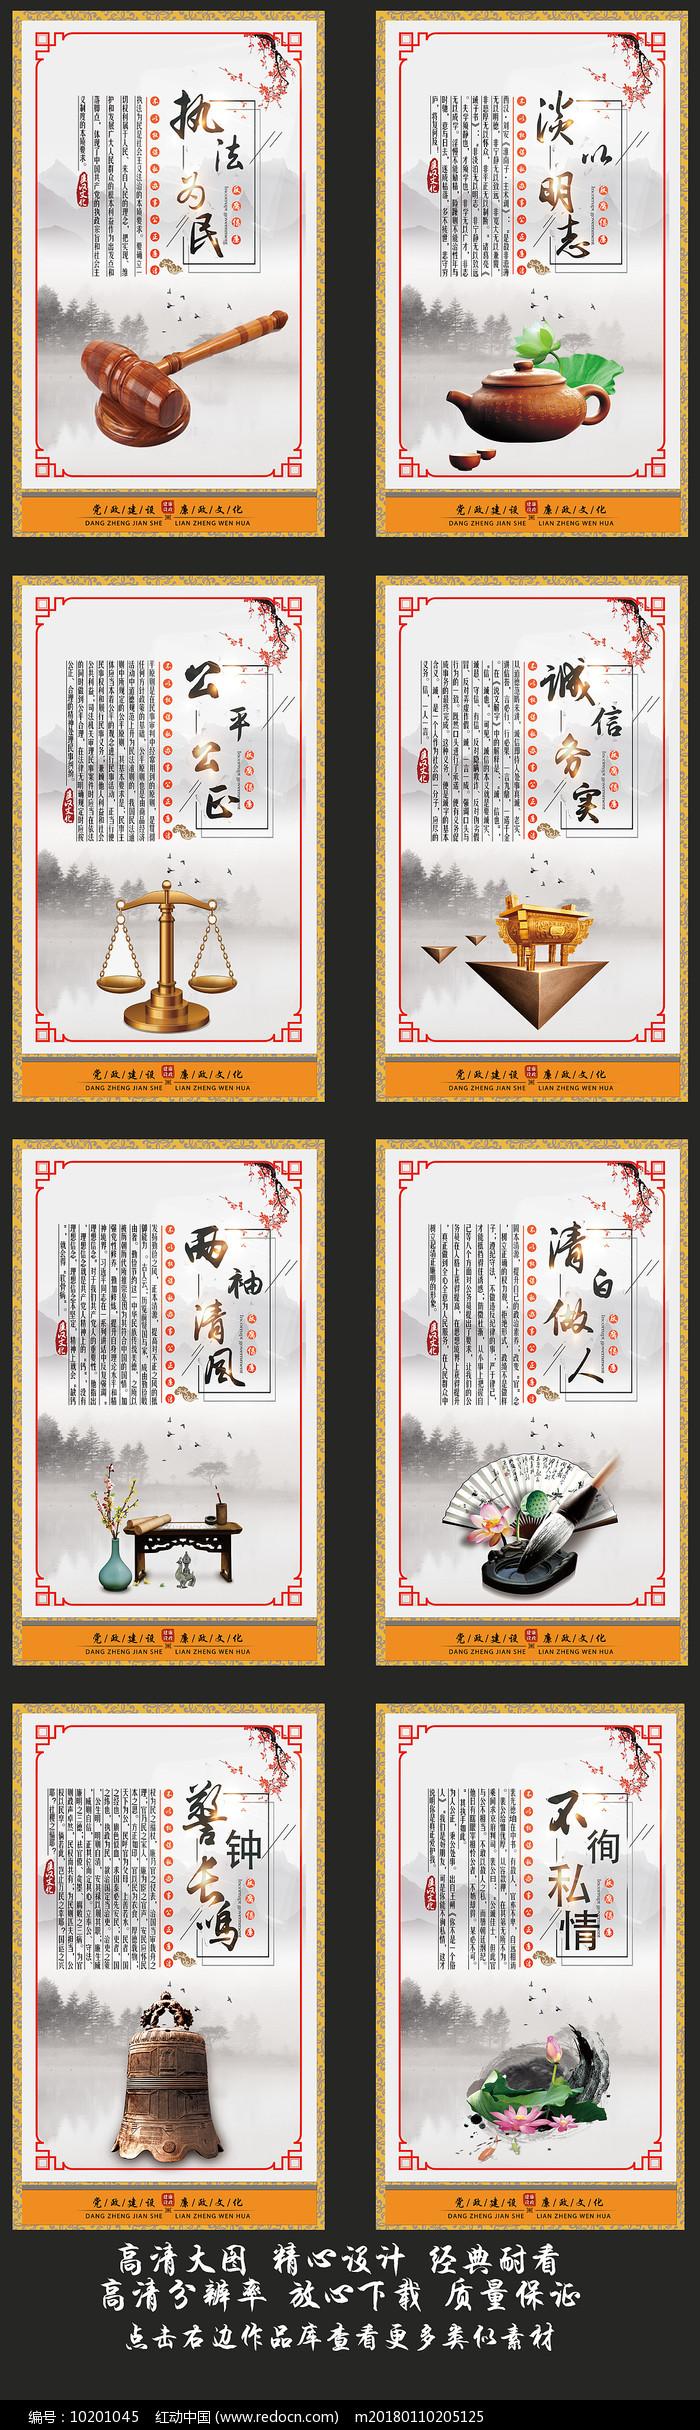 中国风反腐倡廉廉党风廉政建设展板图片